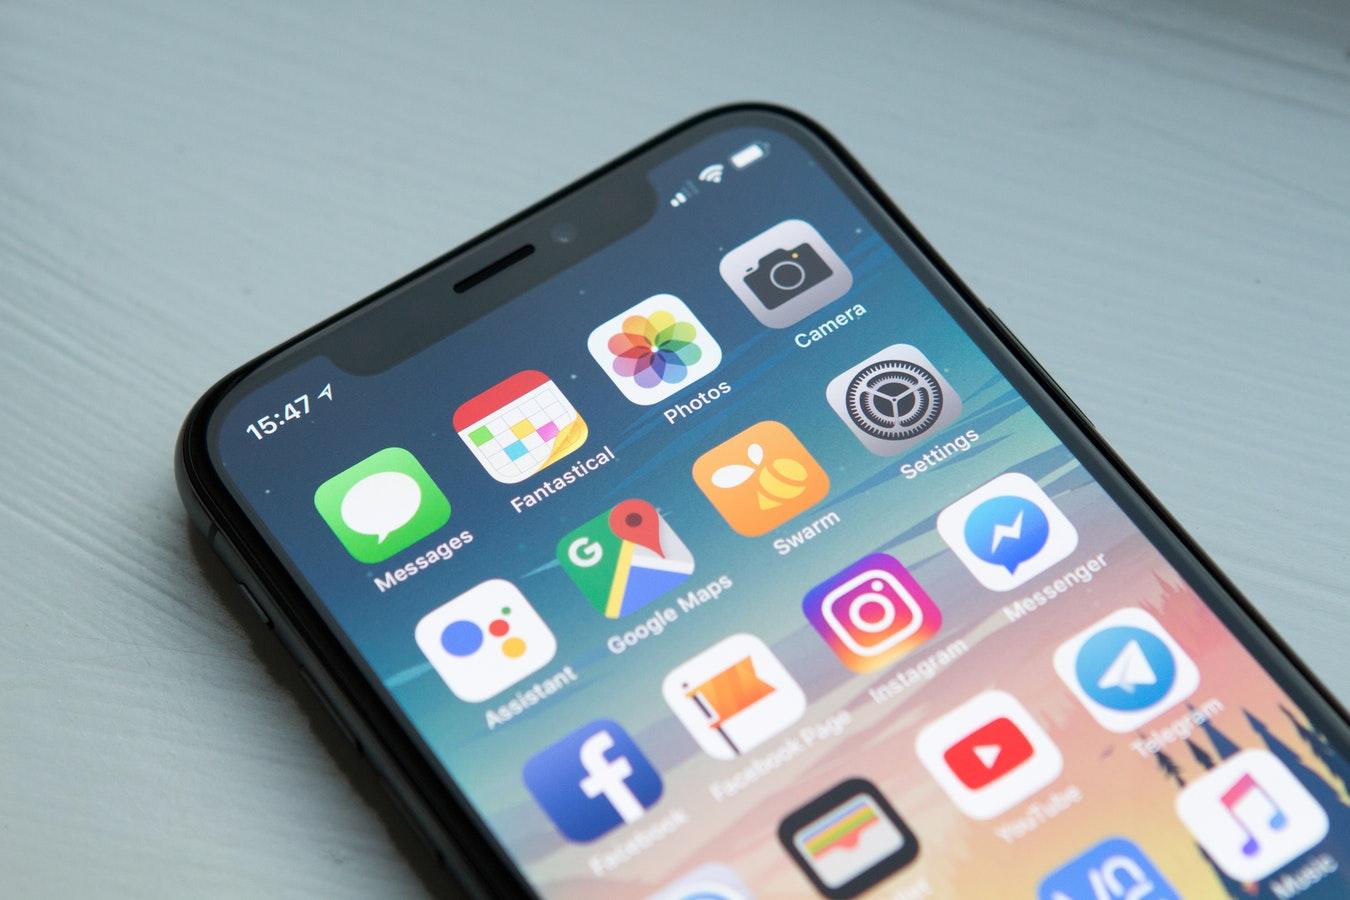 web app vs mobile app